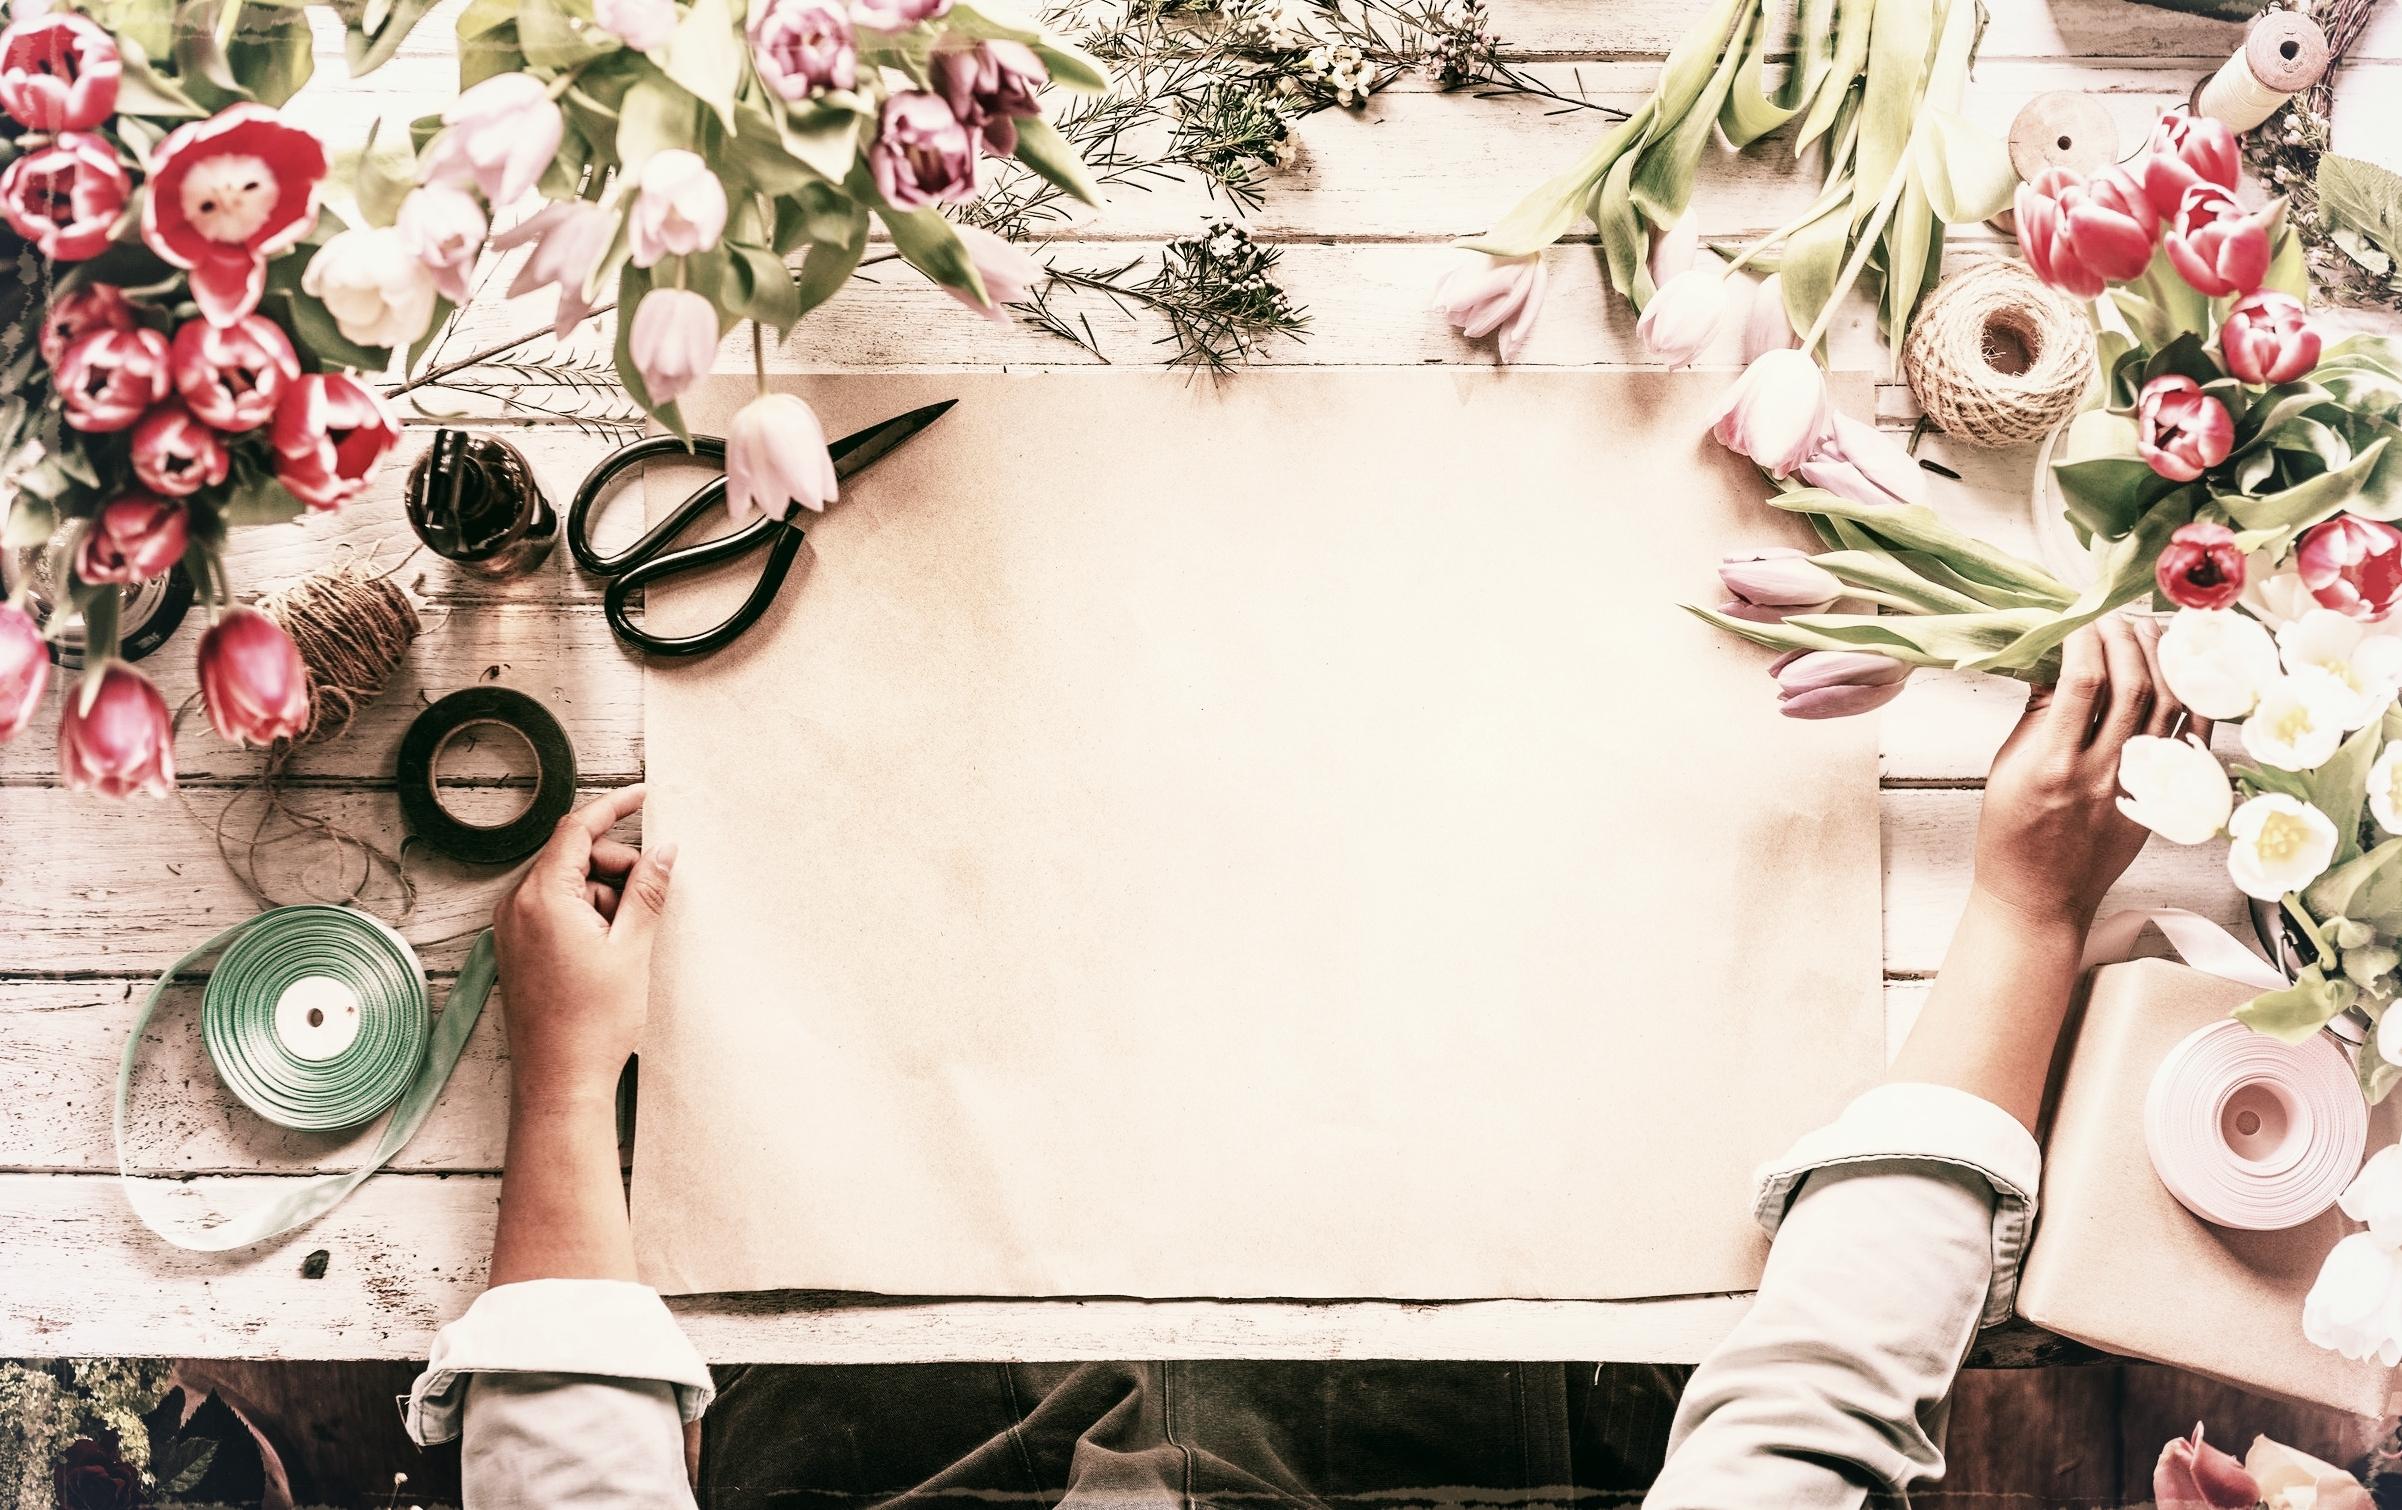 COMING SOON -    Wir haben so tolle Kurse für Euch geplant vom  eigenen Brautstrauß bis hin zu Gestecken und    Styling ist alles dabei. Wir müssen uns alle noch ein    wenig gedulden, da wir gerade unser Studio fürEuch renovieren. Für JGA stehen wir Euch    zur Verfügung! Schreibt uns eine Mail und   wenn ihr wissen möchtet, wann es mit den Kursen losgeht, meldet Euch für unseren Newsletter an!